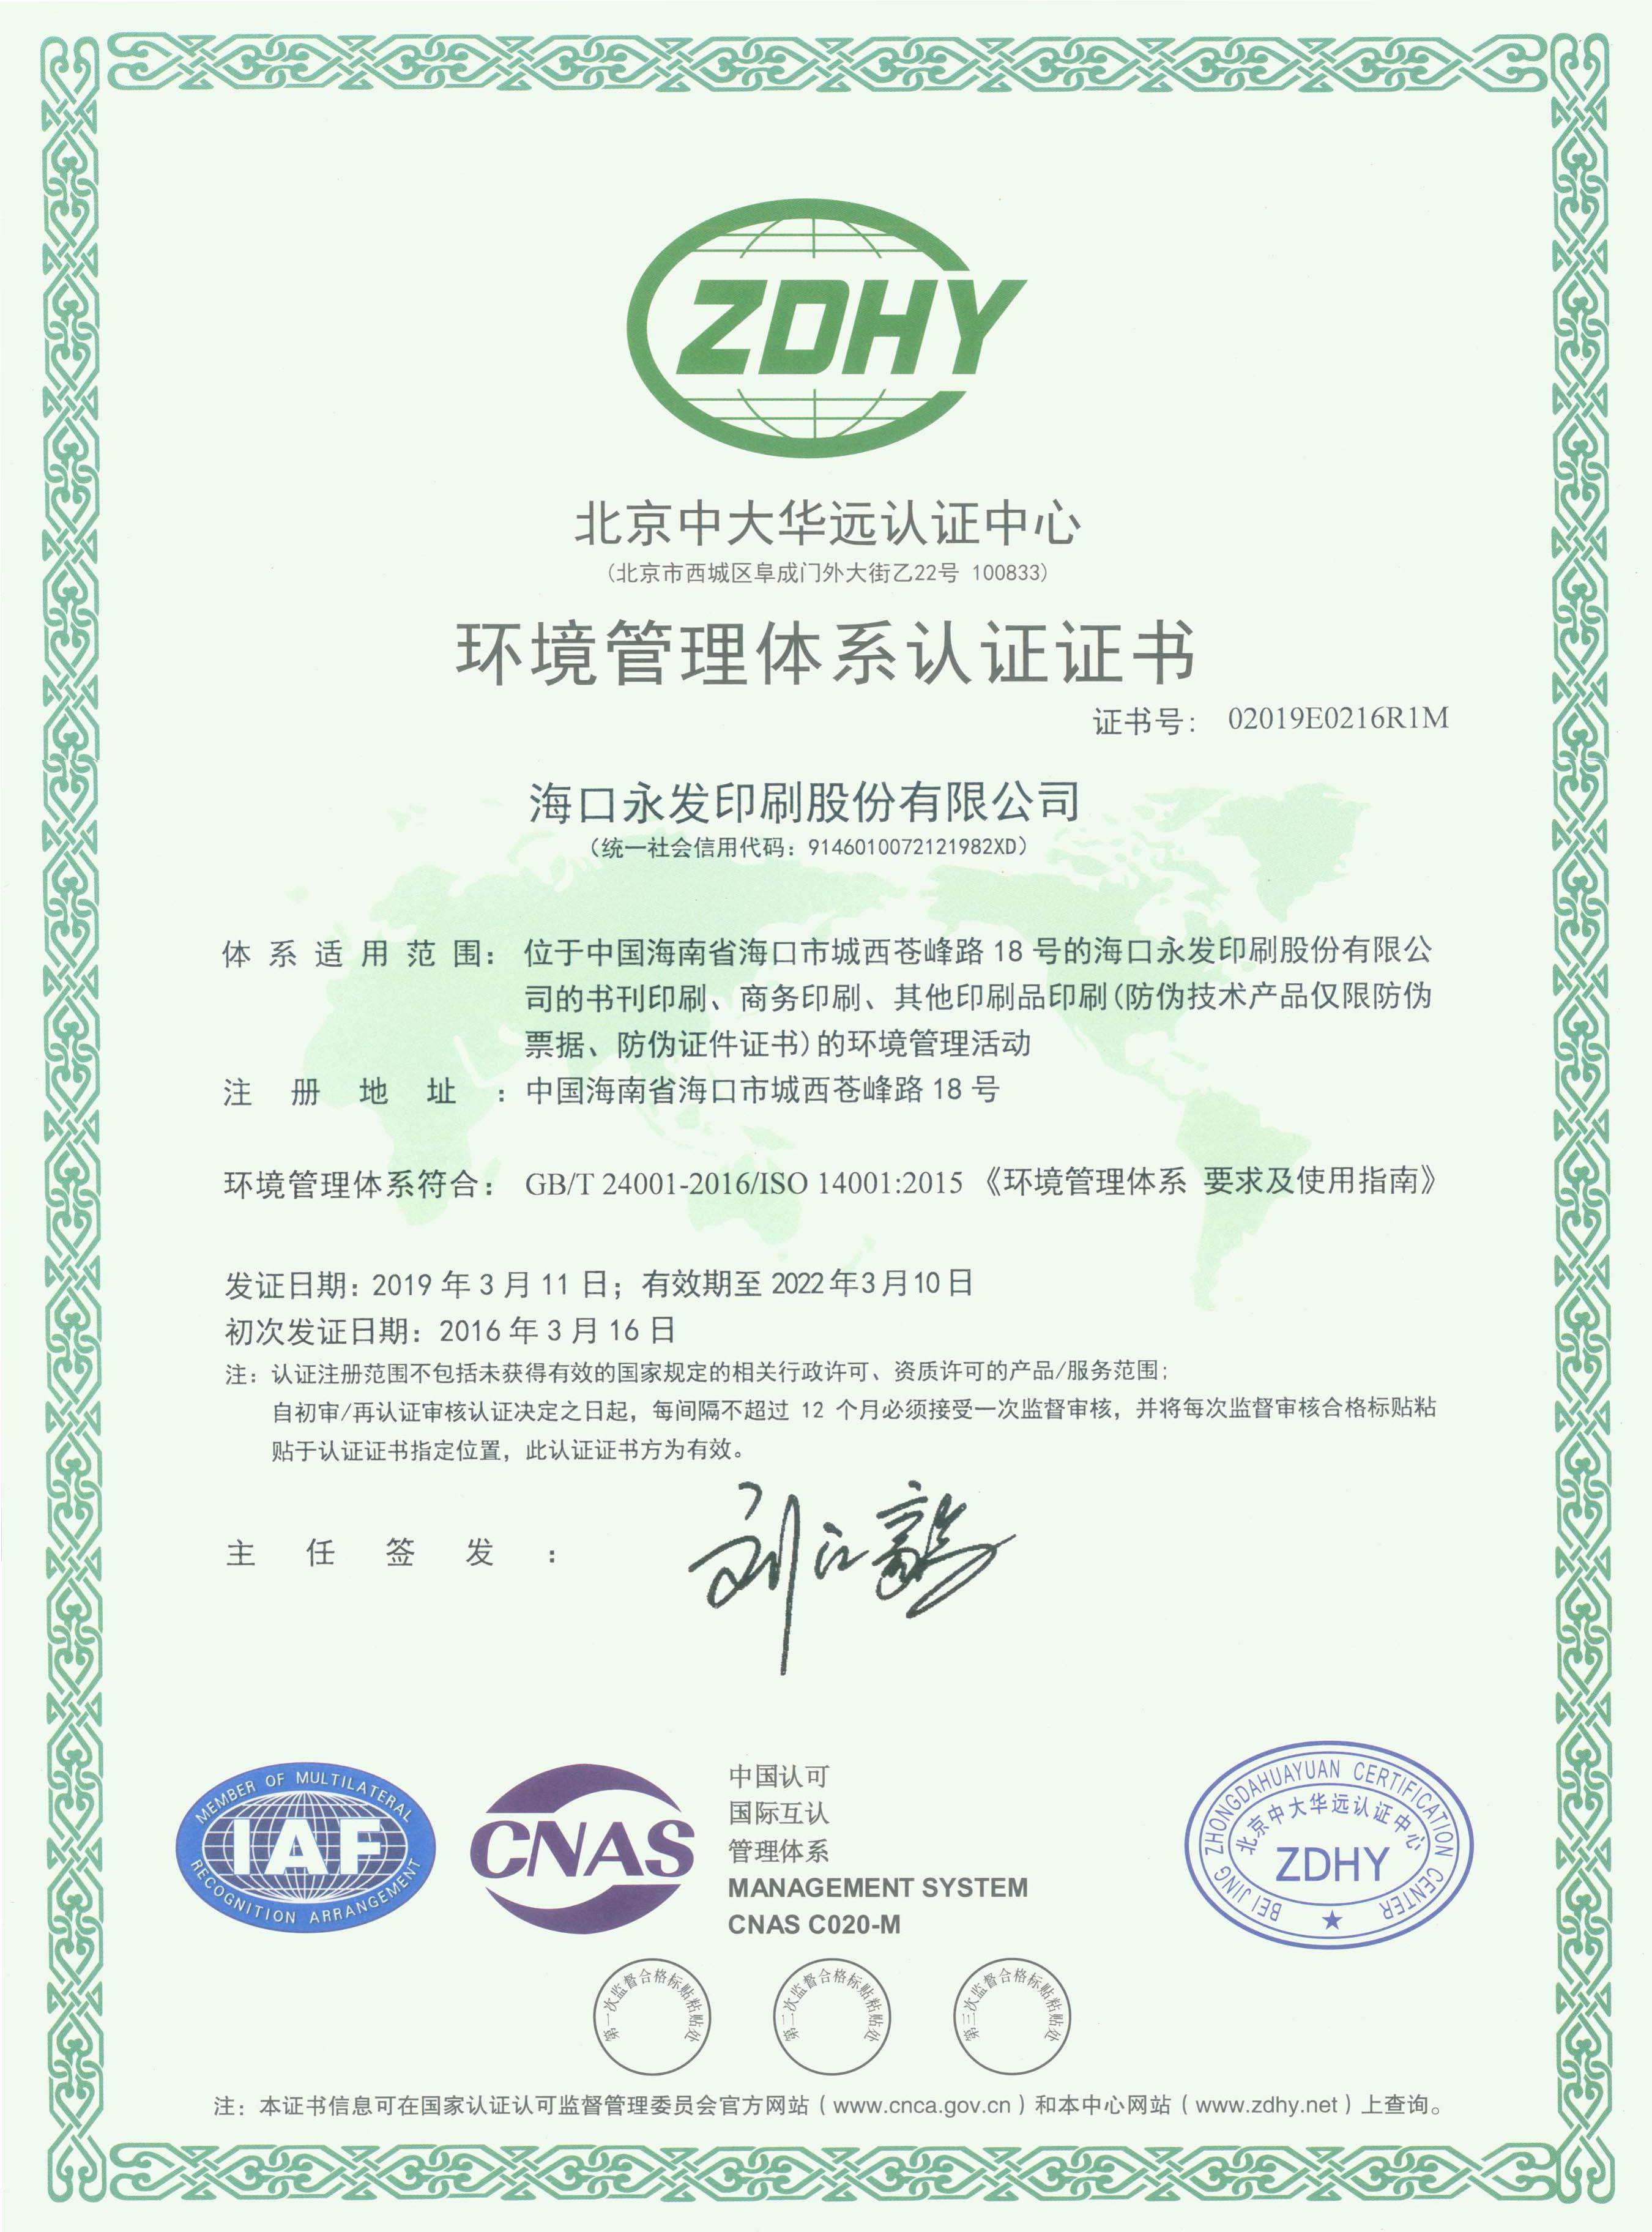 資質-環境管理體系認證證書